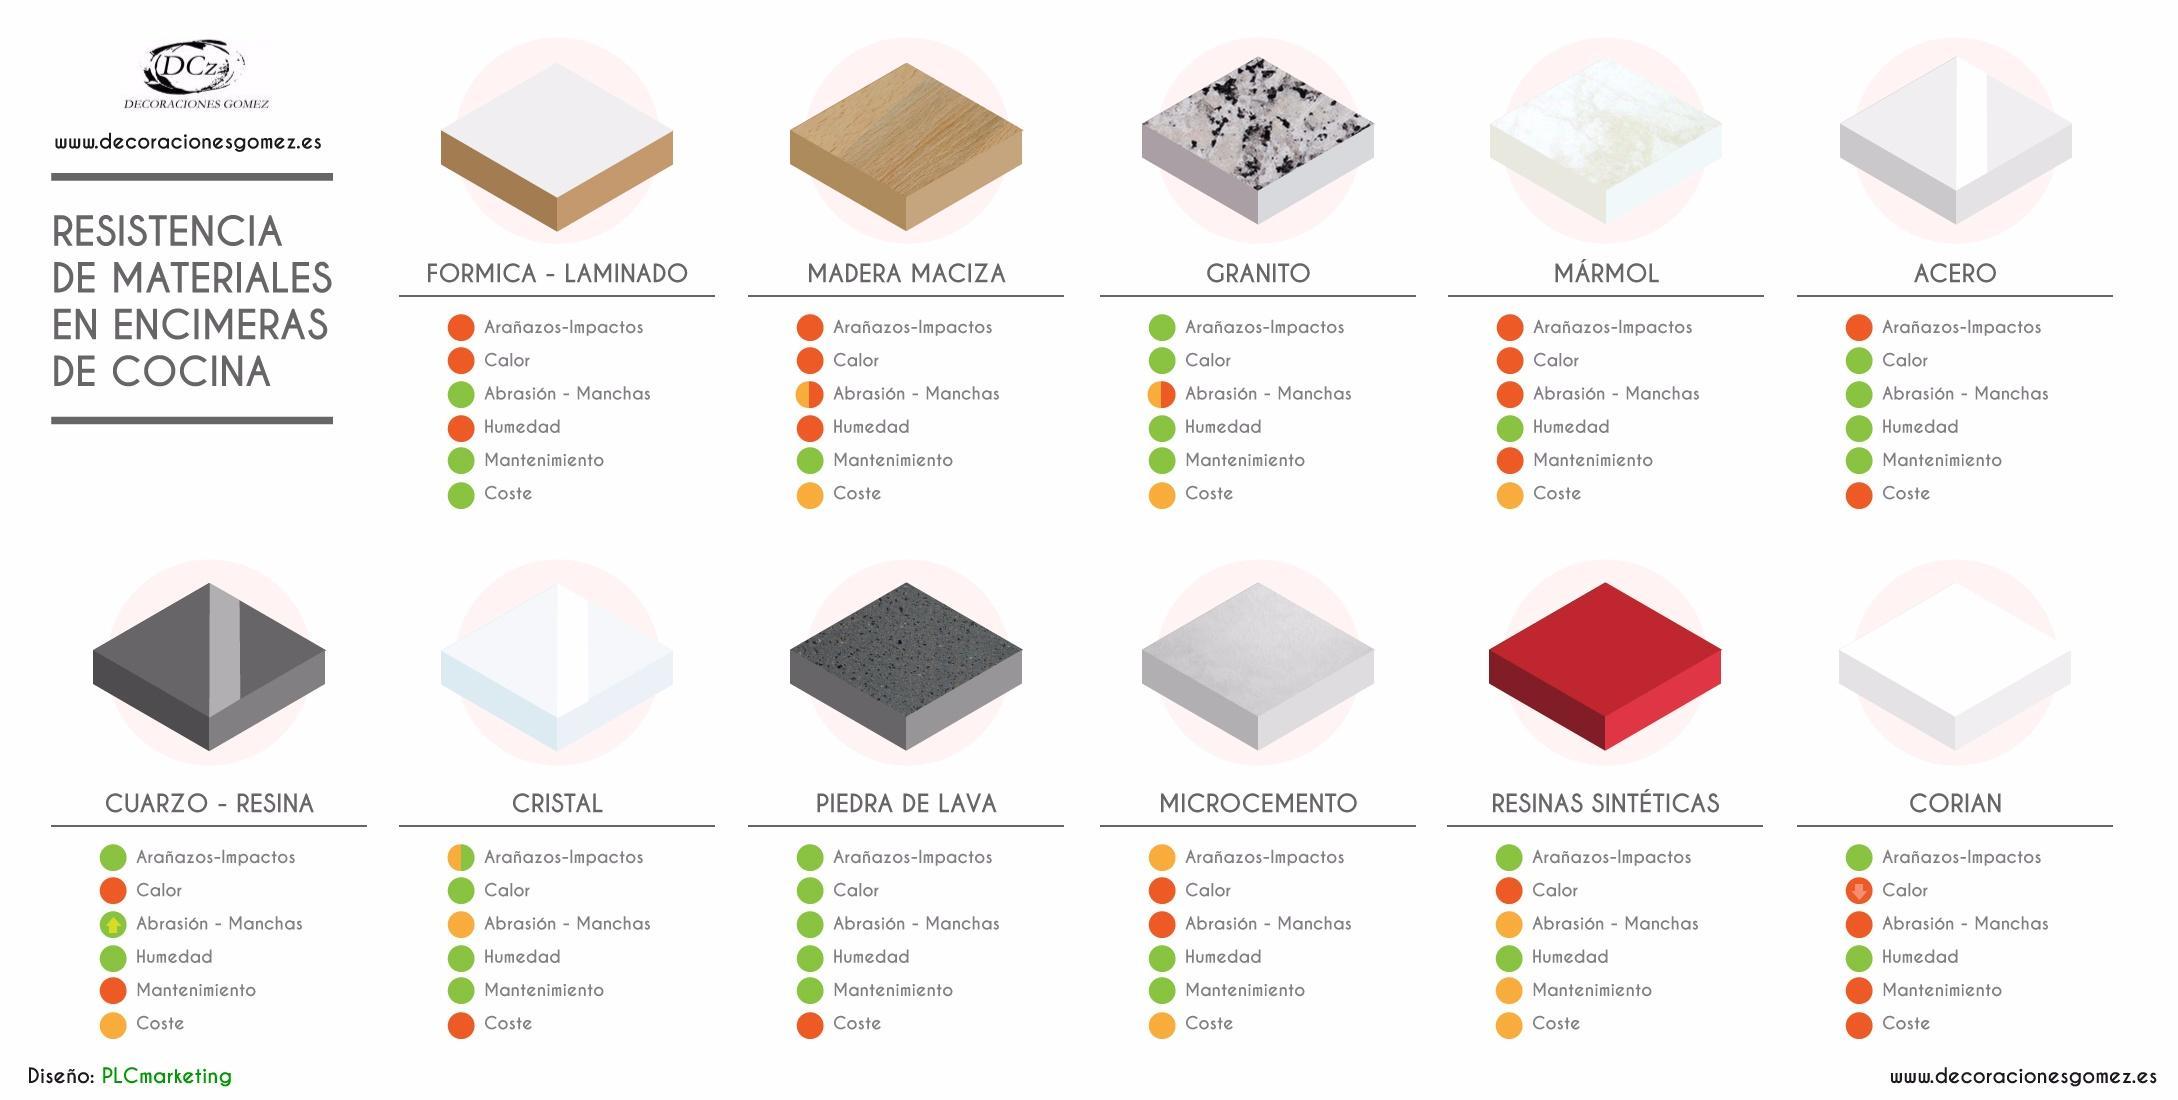 Materiales encimeras de cocina consejos y comparaci n for Mejor material para encimeras de cocina